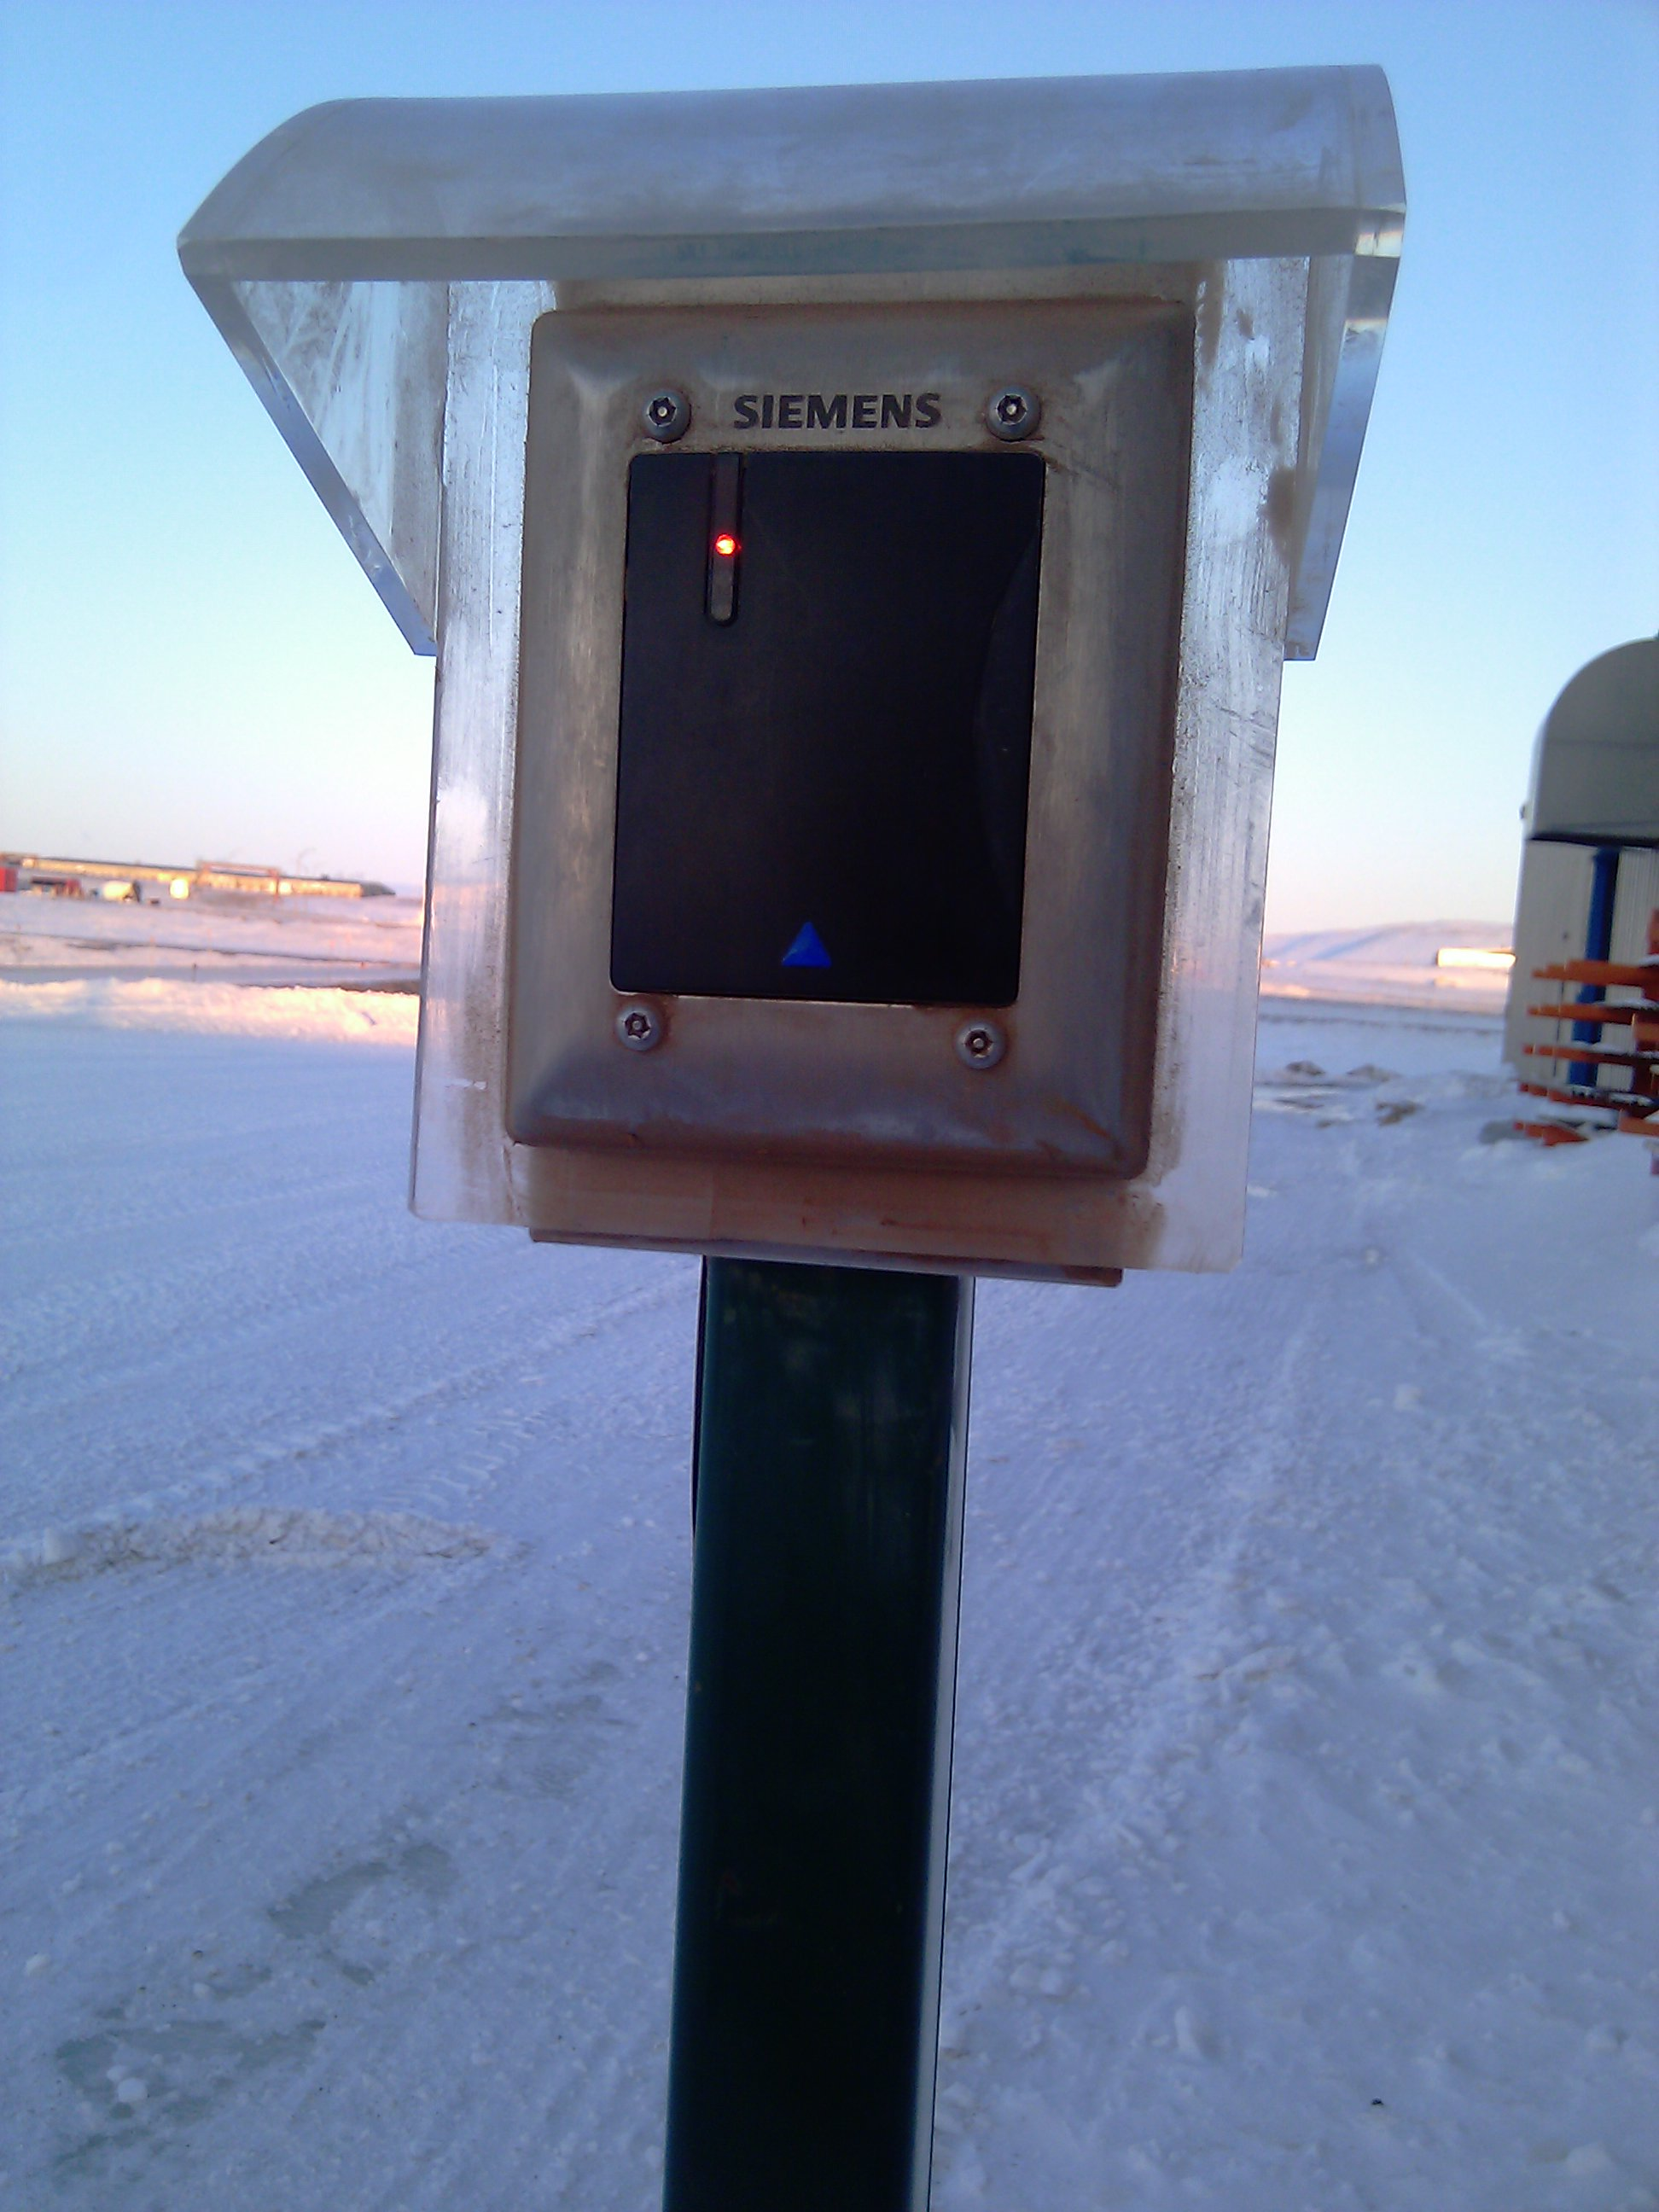 Siemens secures Arctic airbase